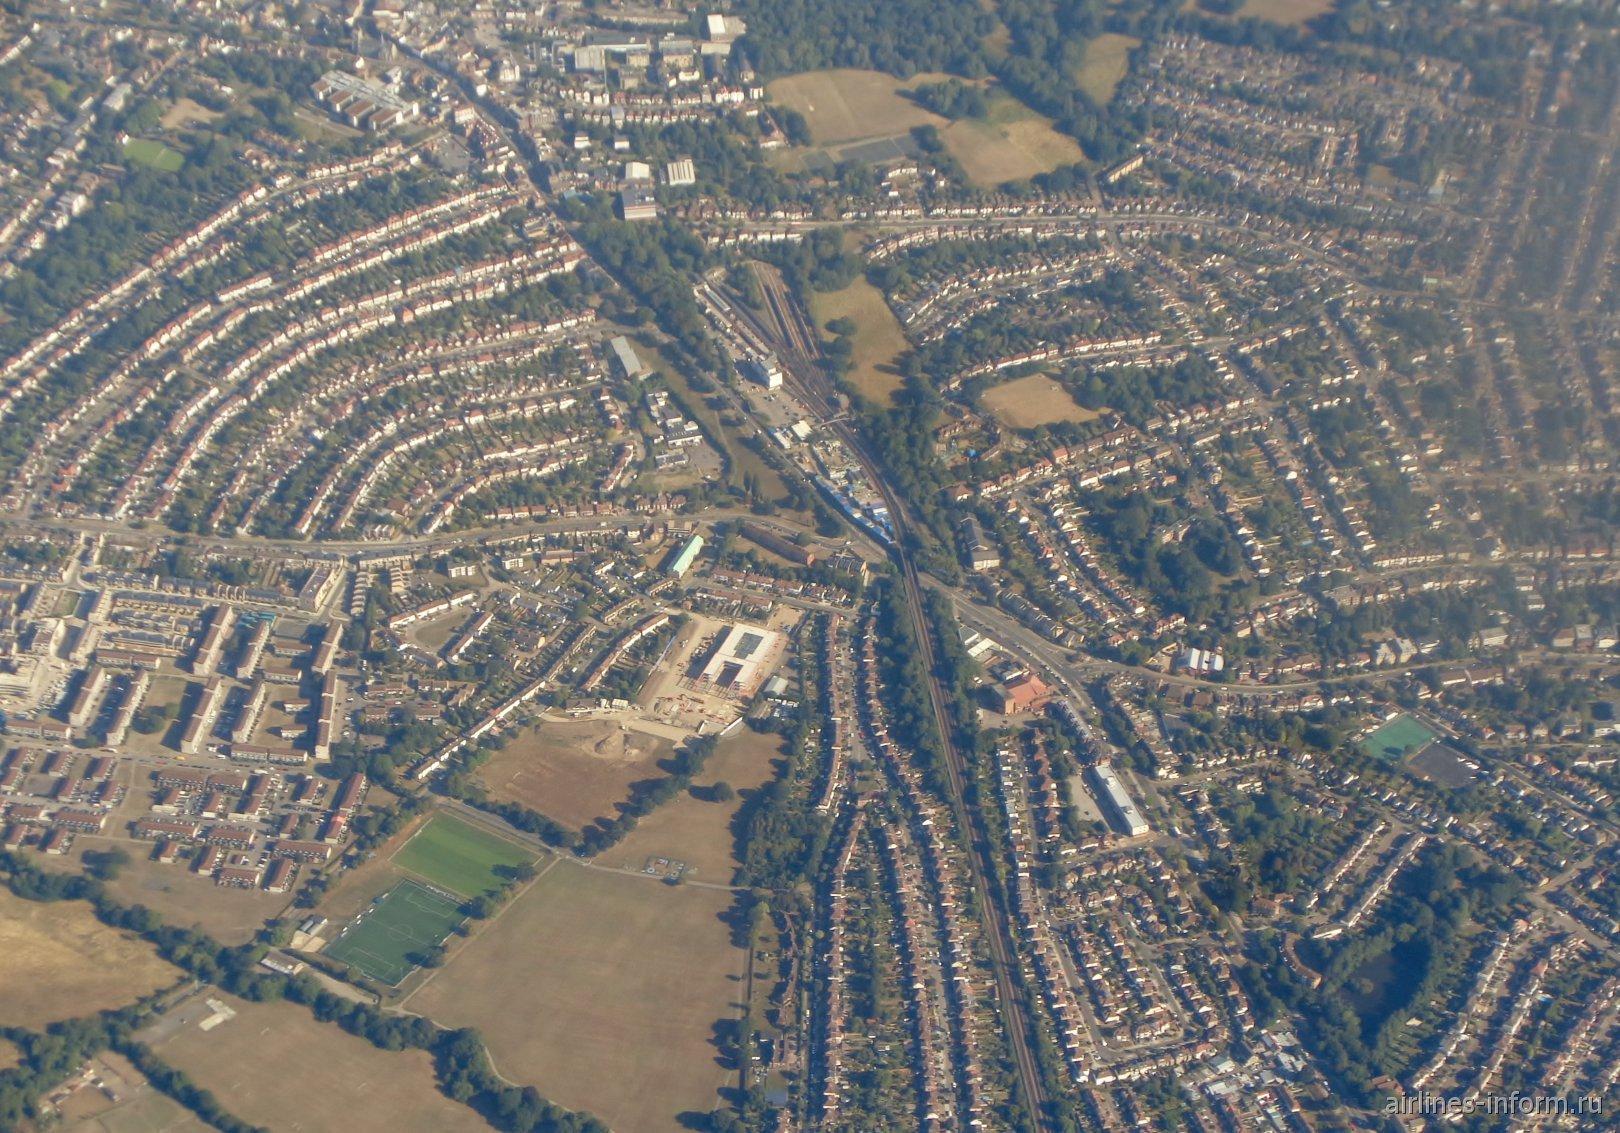 Жилые кварталы в окрестностях Лондона